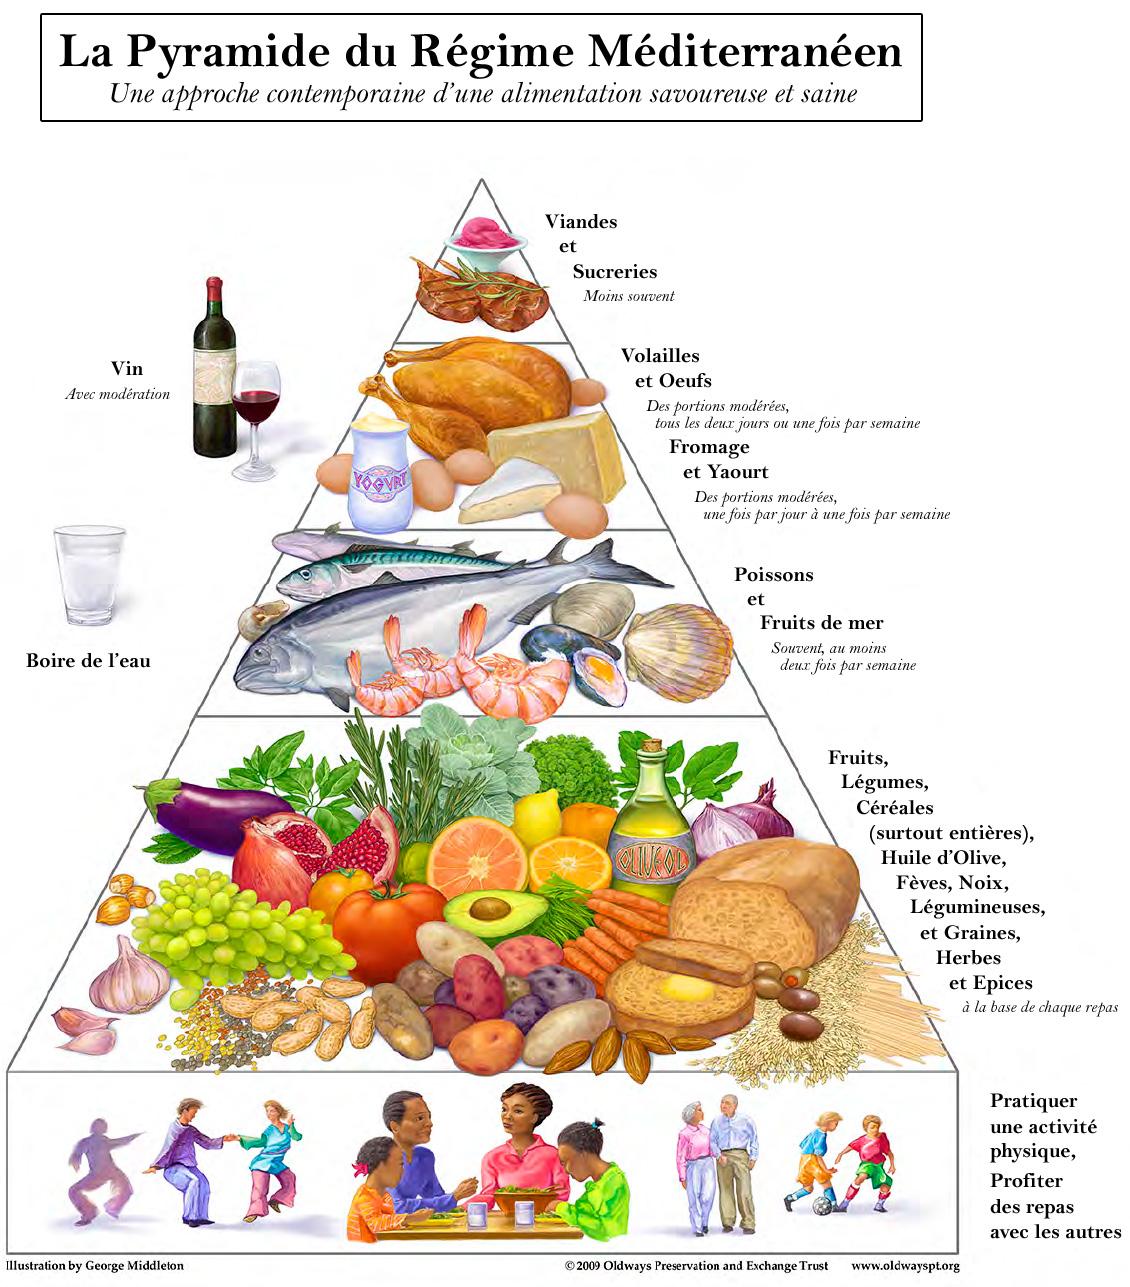 Ci-dessous une illustration de la pyramide du régime méditerranéen*